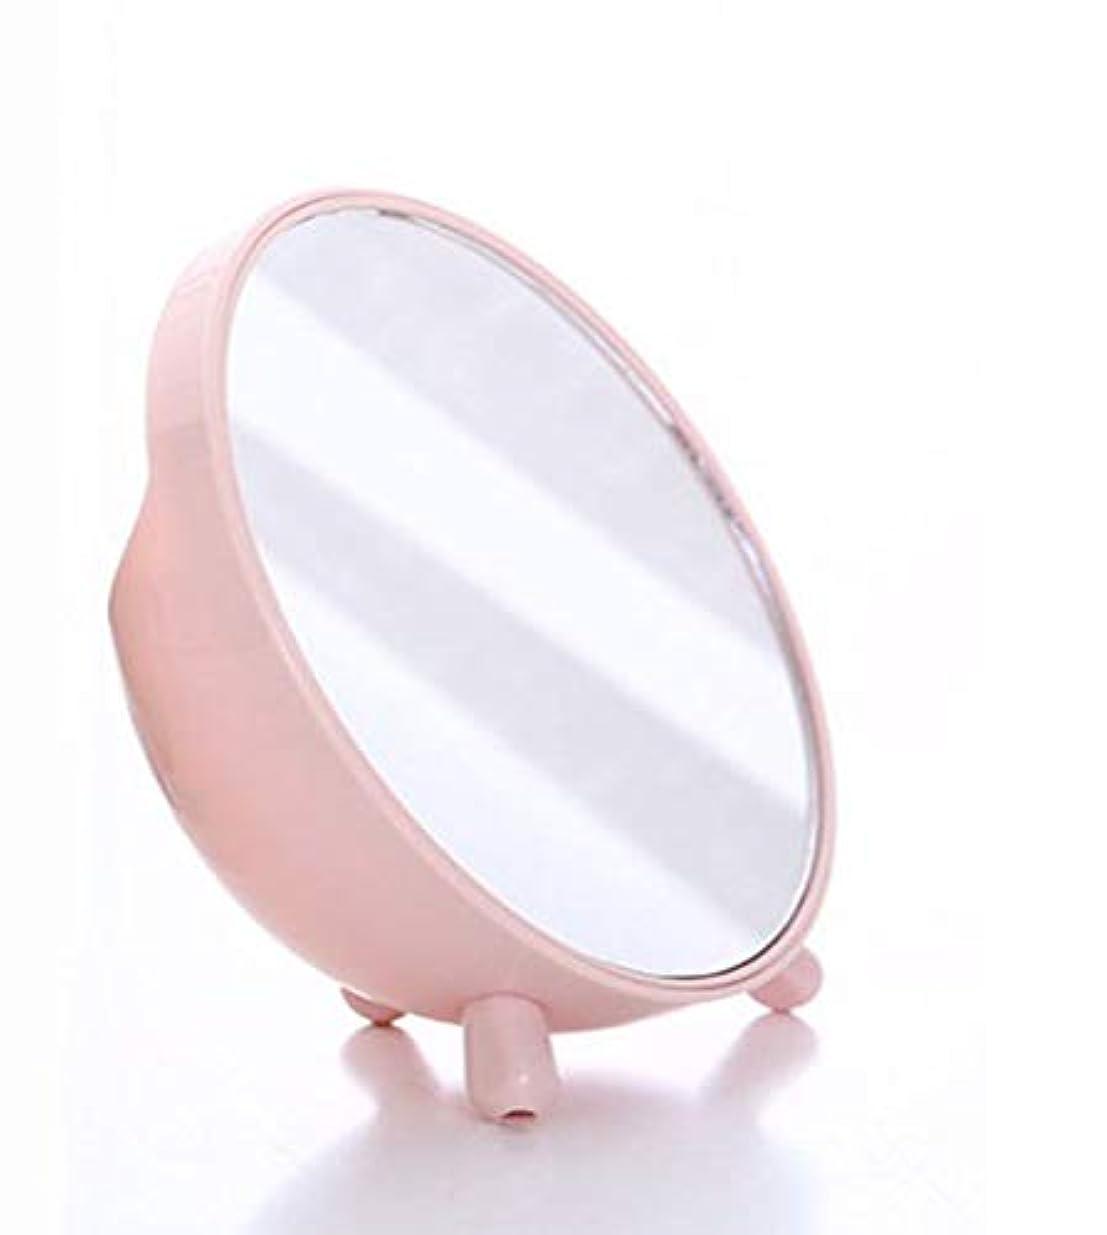 メタン衝撃バルーン化粧鏡、収納ボックス化粧ギフトとピンクのシンプルなラウンドテーブル化粧鏡